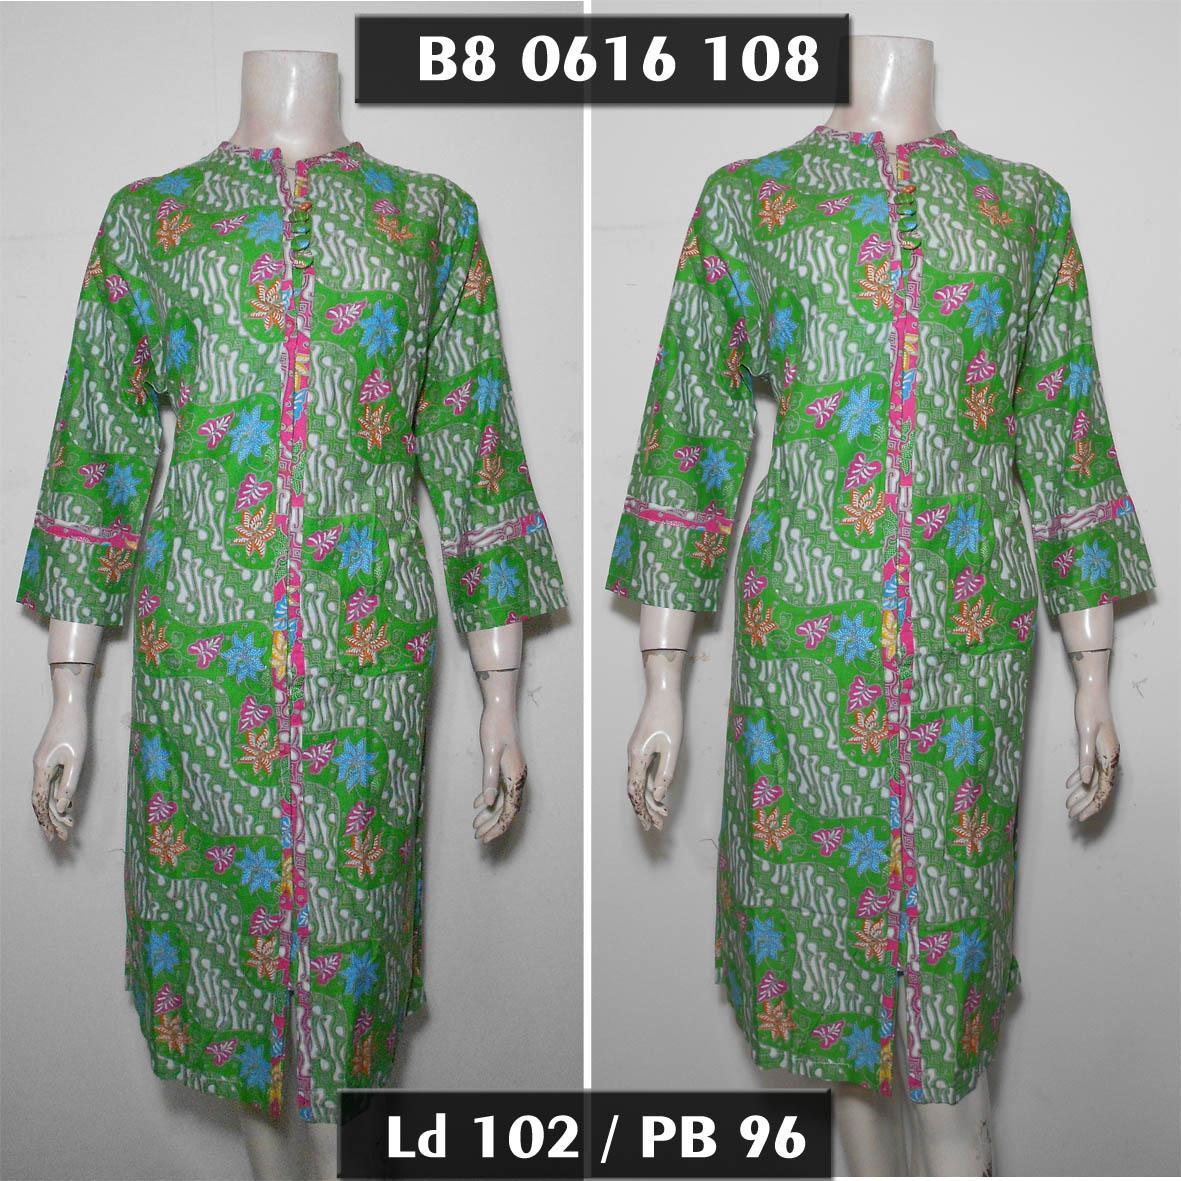 Jual Dress Batik Lengan 7 8 Hijau XL Tunik Batik Wanita Muslim